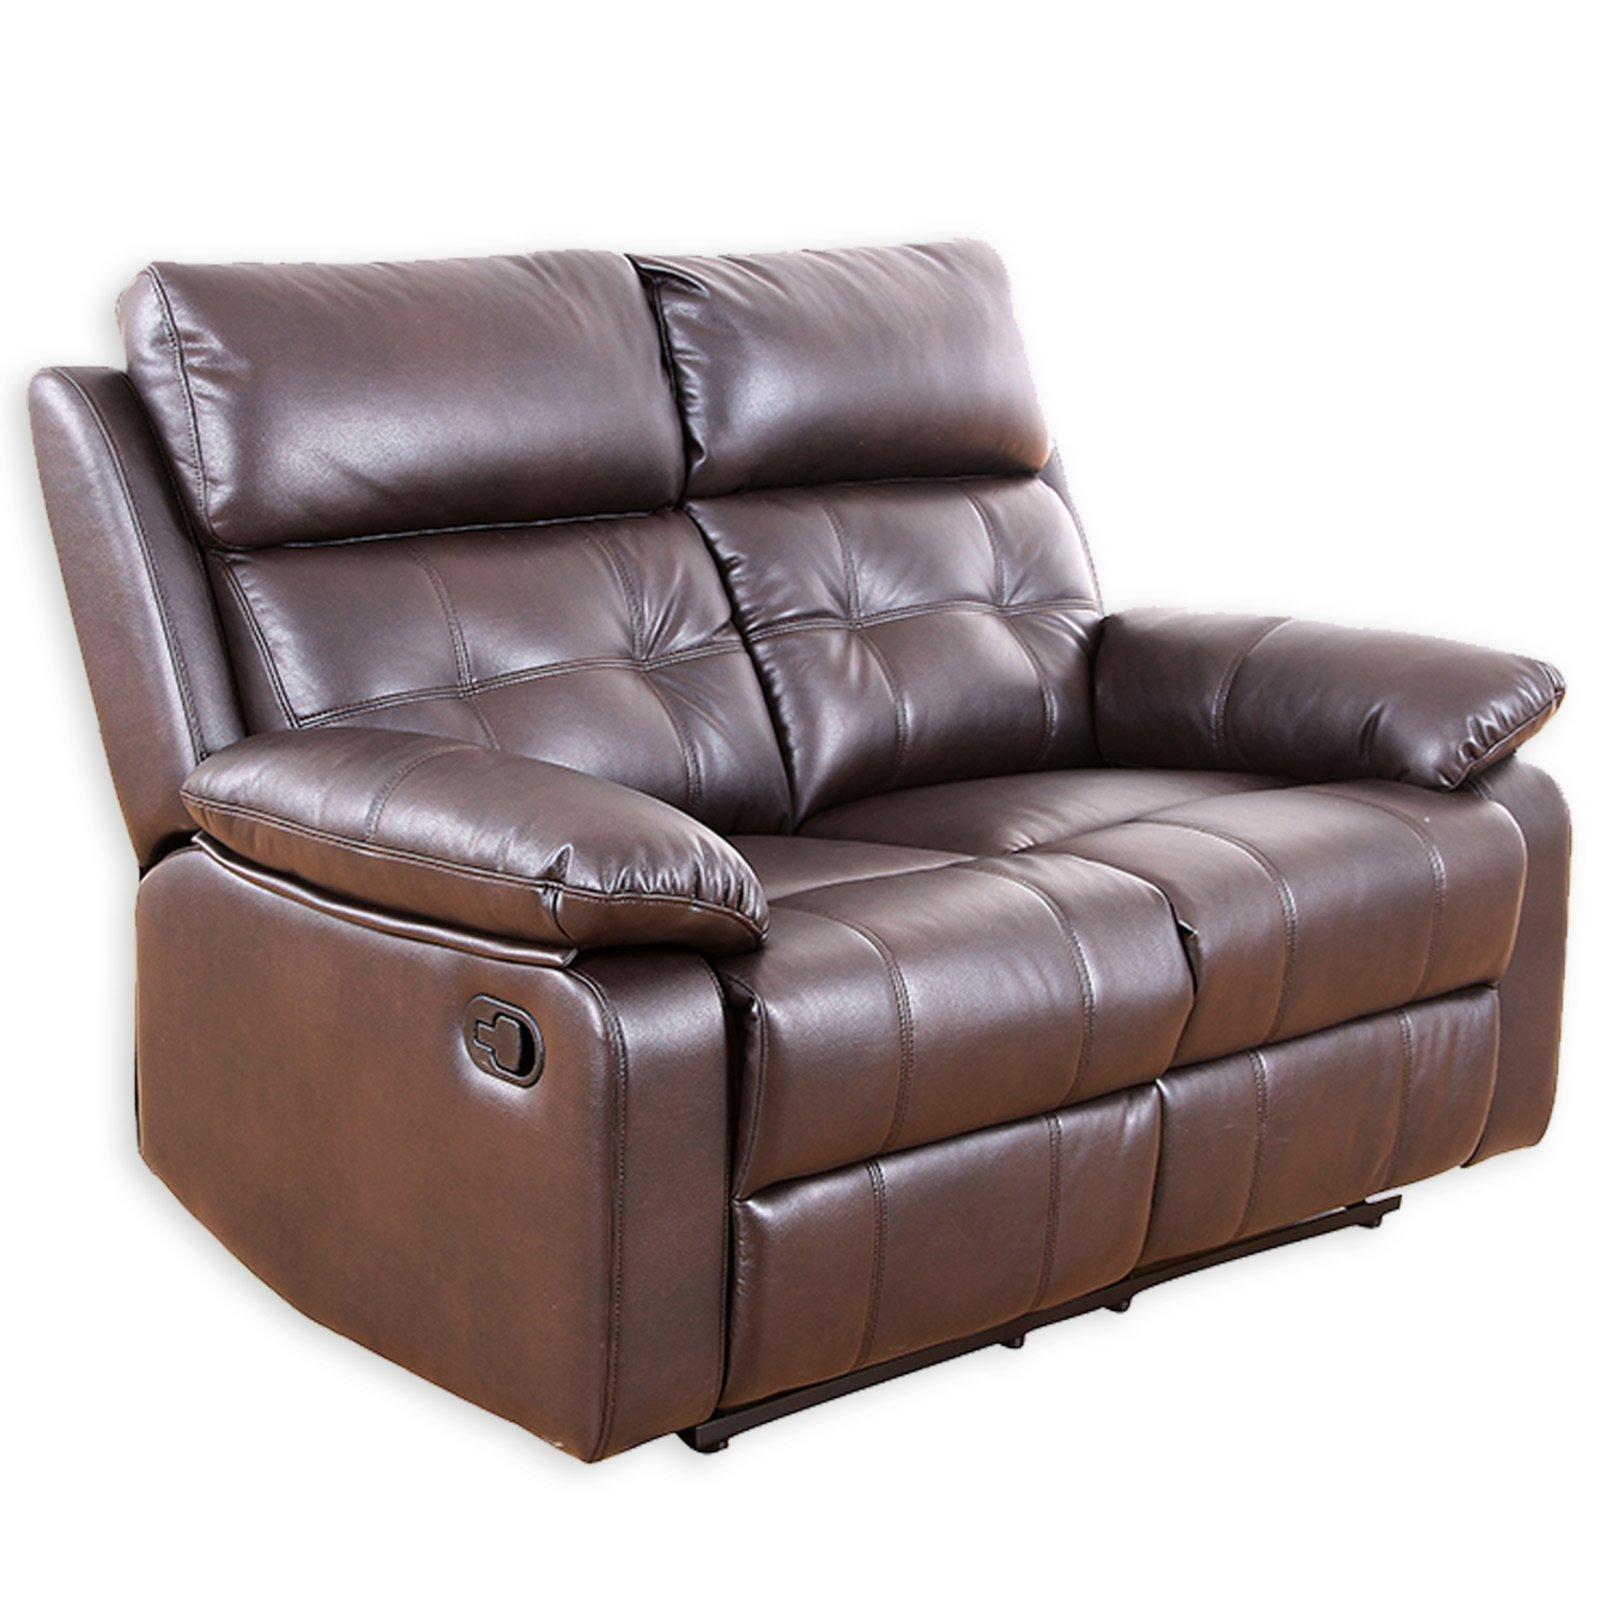 2 sitzer sofa dunkelbraun kunstleder relaxfunktion ebay. Black Bedroom Furniture Sets. Home Design Ideas